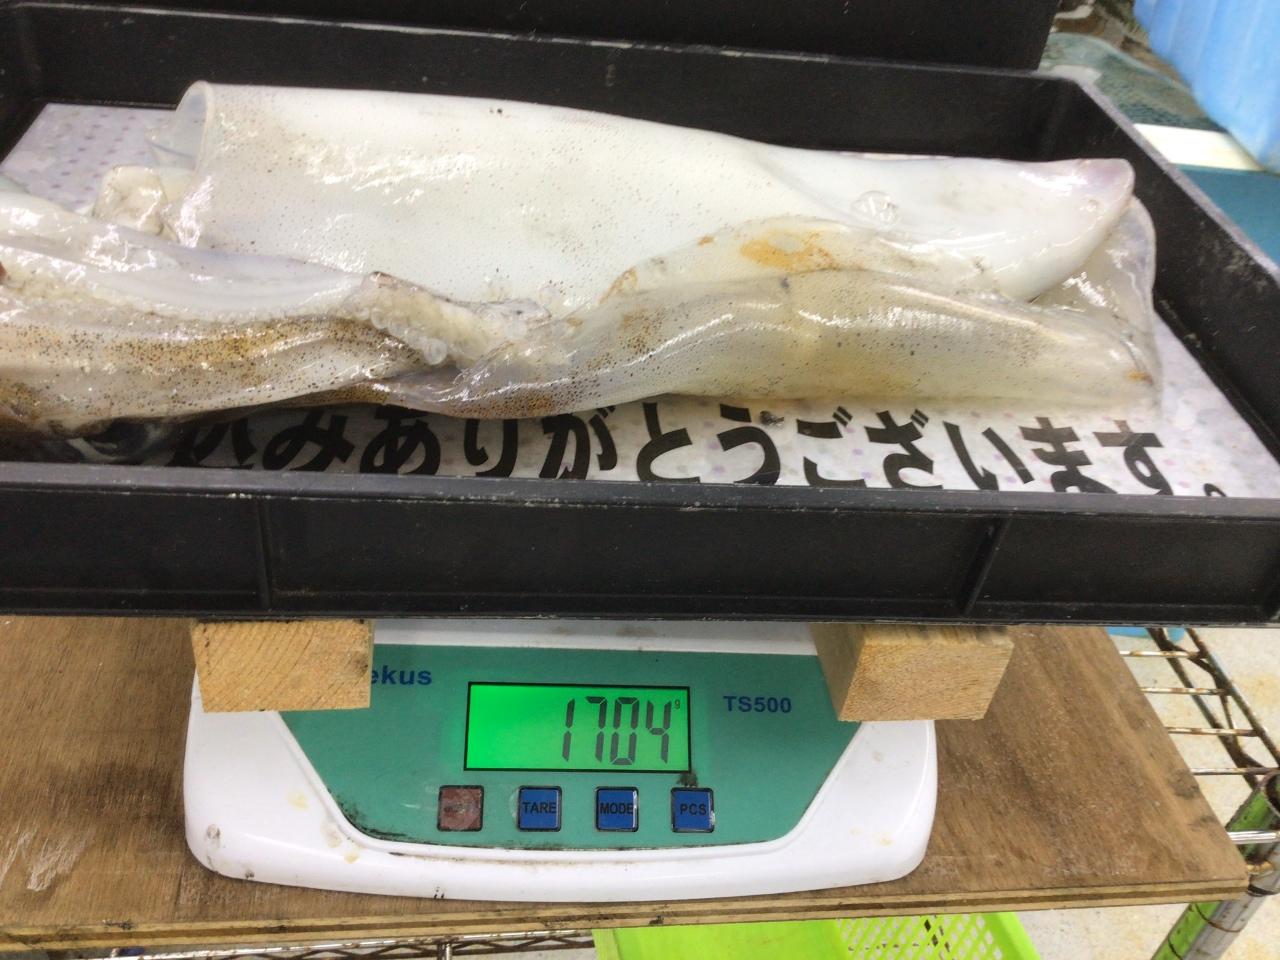 5/15  持ち込み釣果情報 アオリイカ1.7kg と800g  白浜地磯